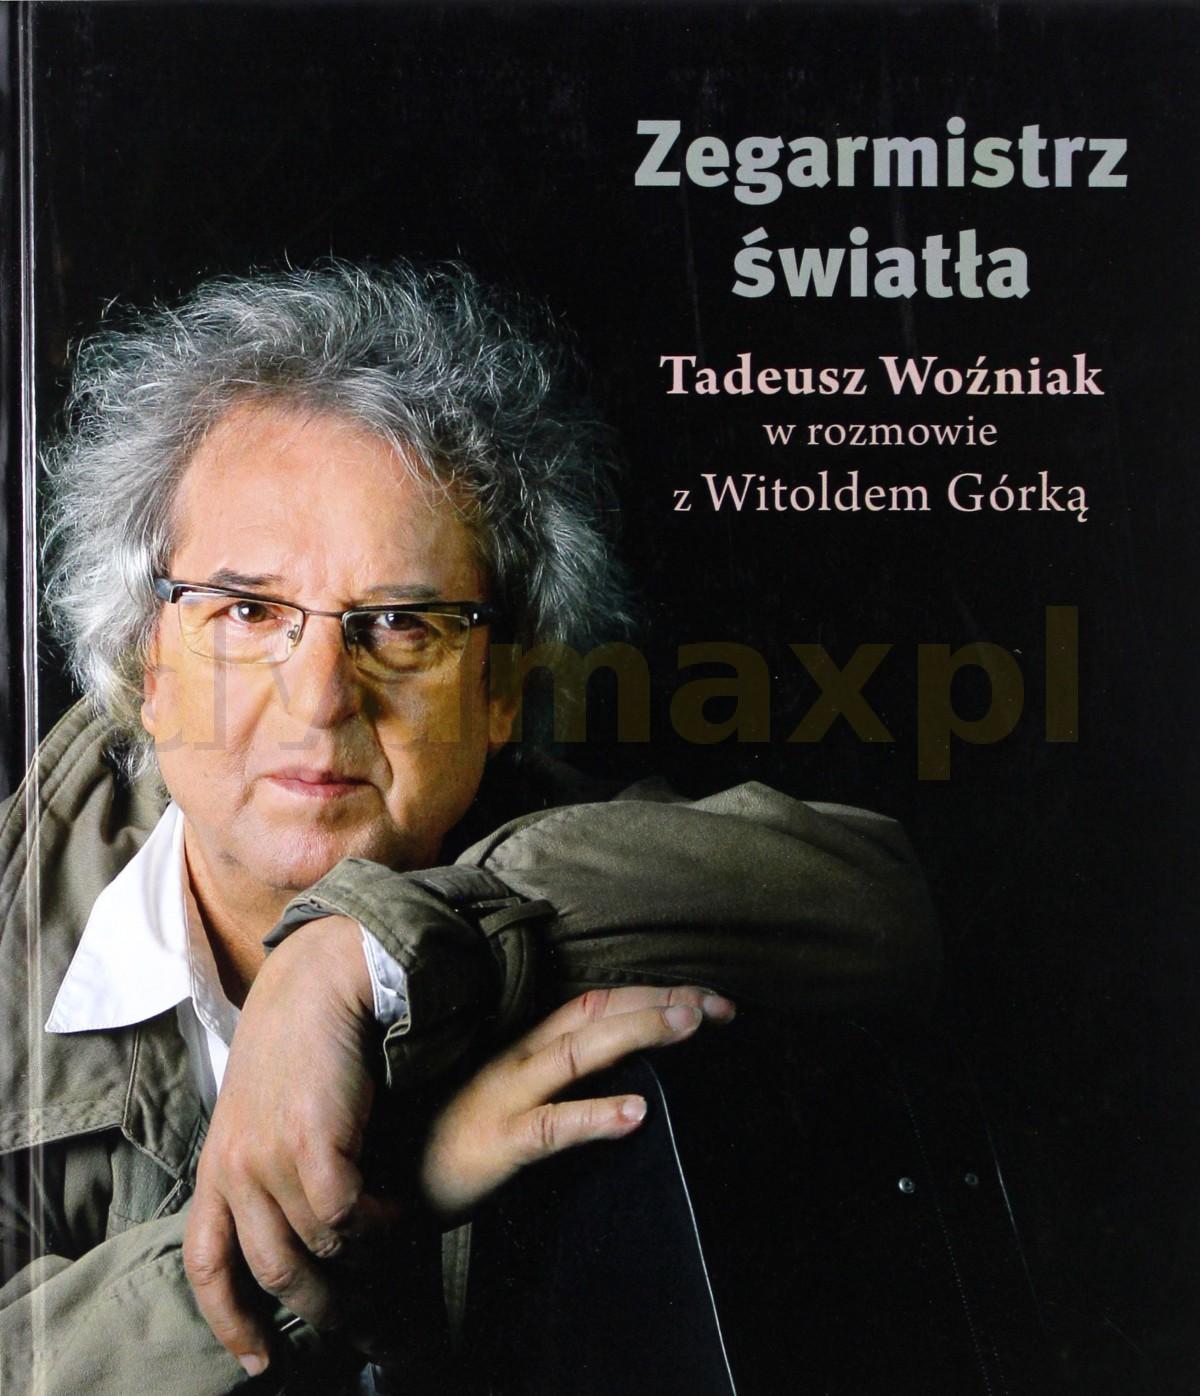 Zegarmistrz światła. Tadeusz Woźniak w rozmowie z Witoldem Górką - Witold Górka [KSIĄŻKA] - Witold Górka